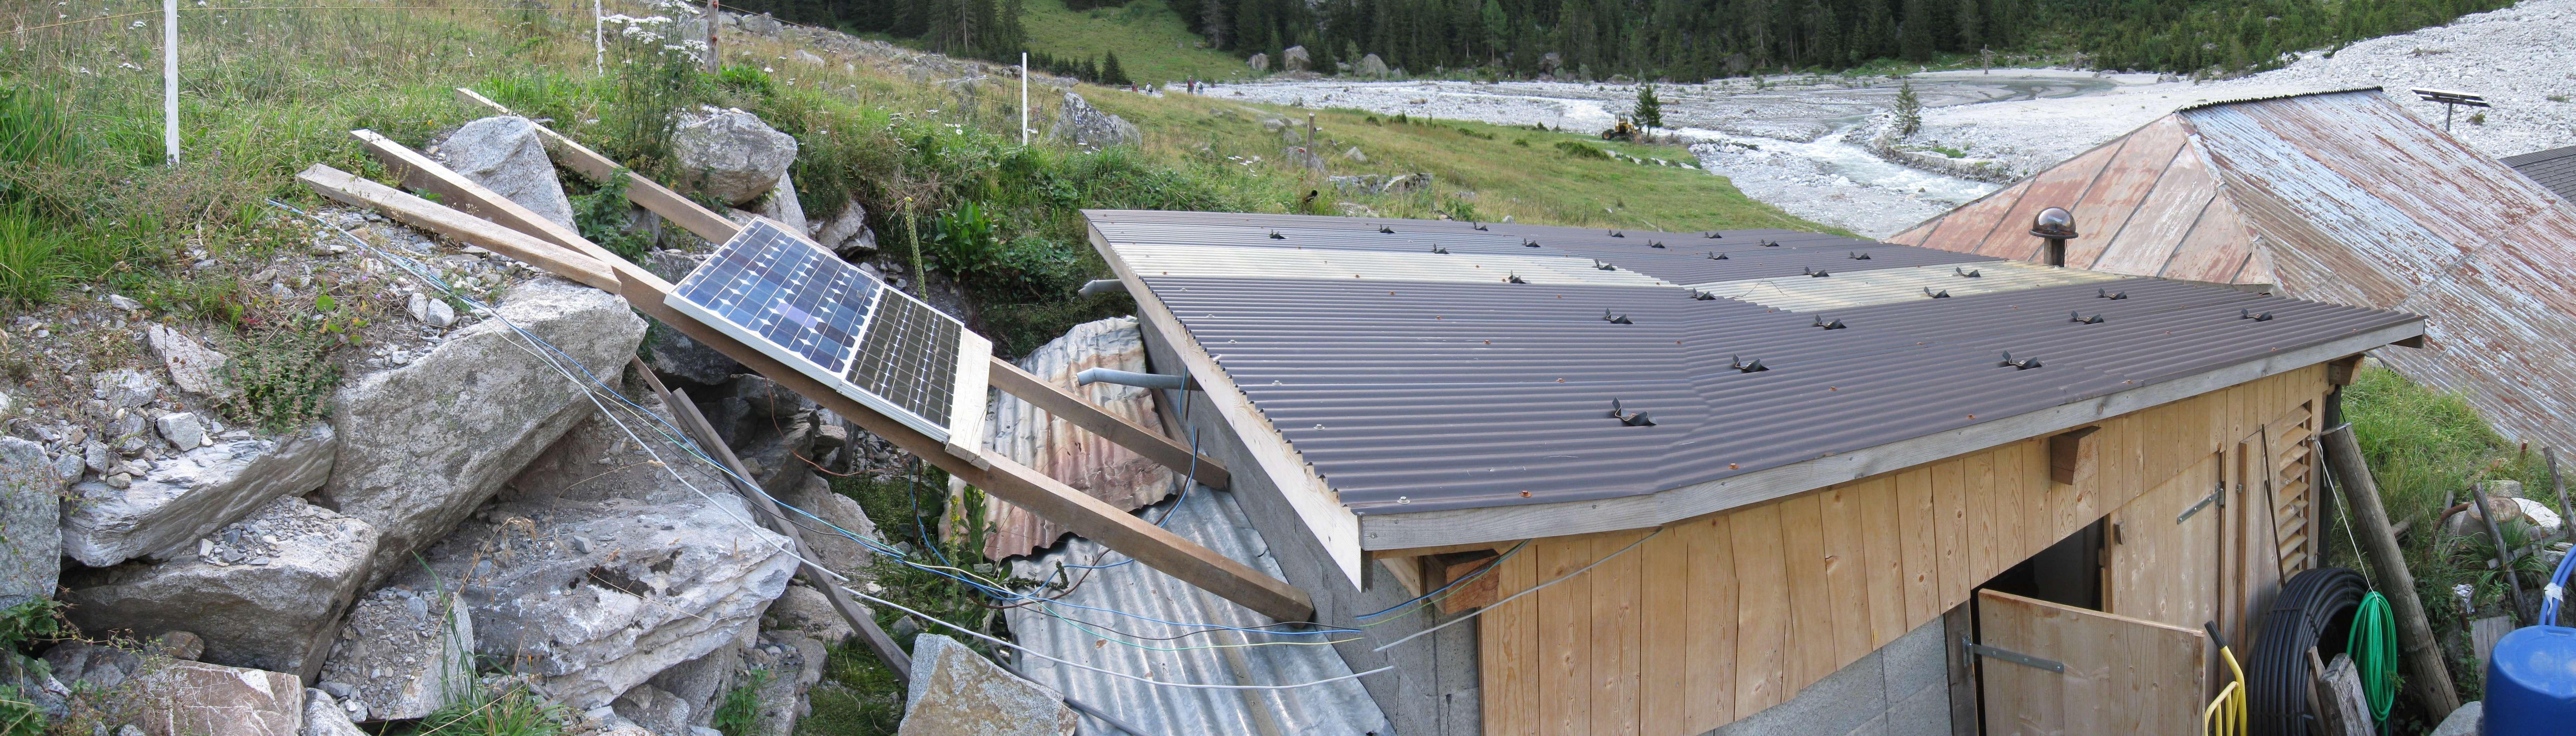 Generatorhaus mit Solarpanels